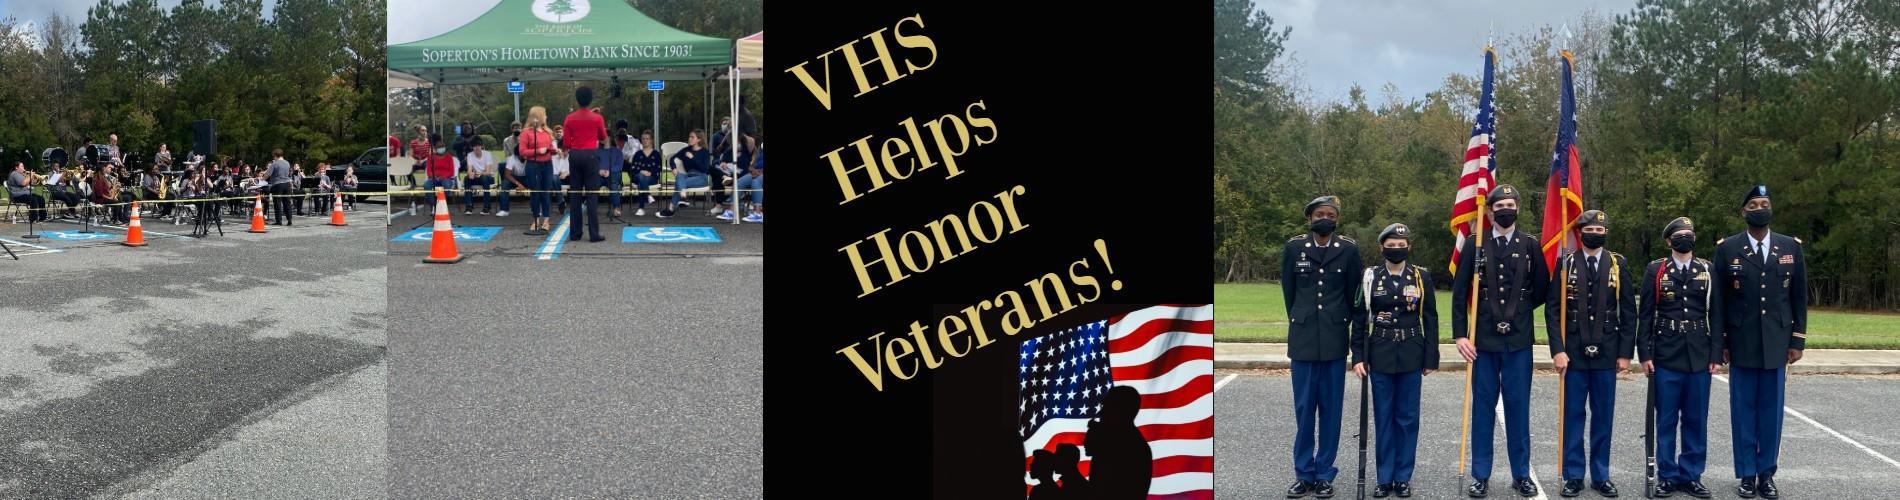 VHS Helps Honor Veterans!